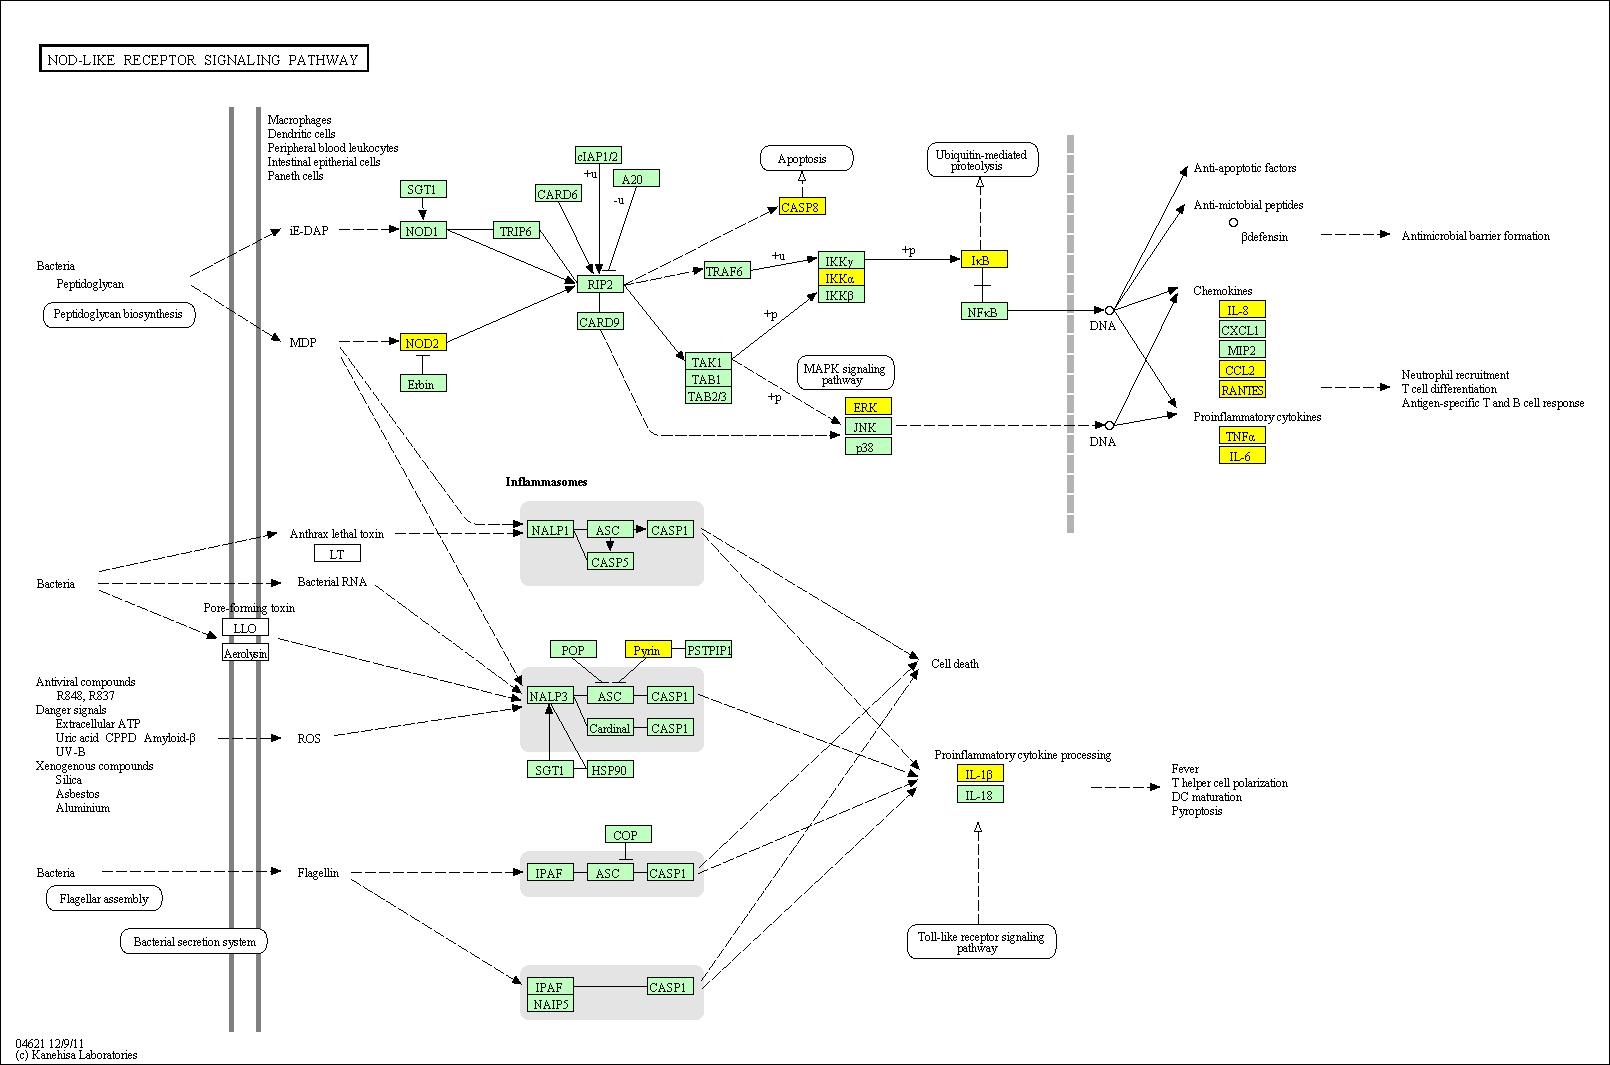 MS Kegg pathways